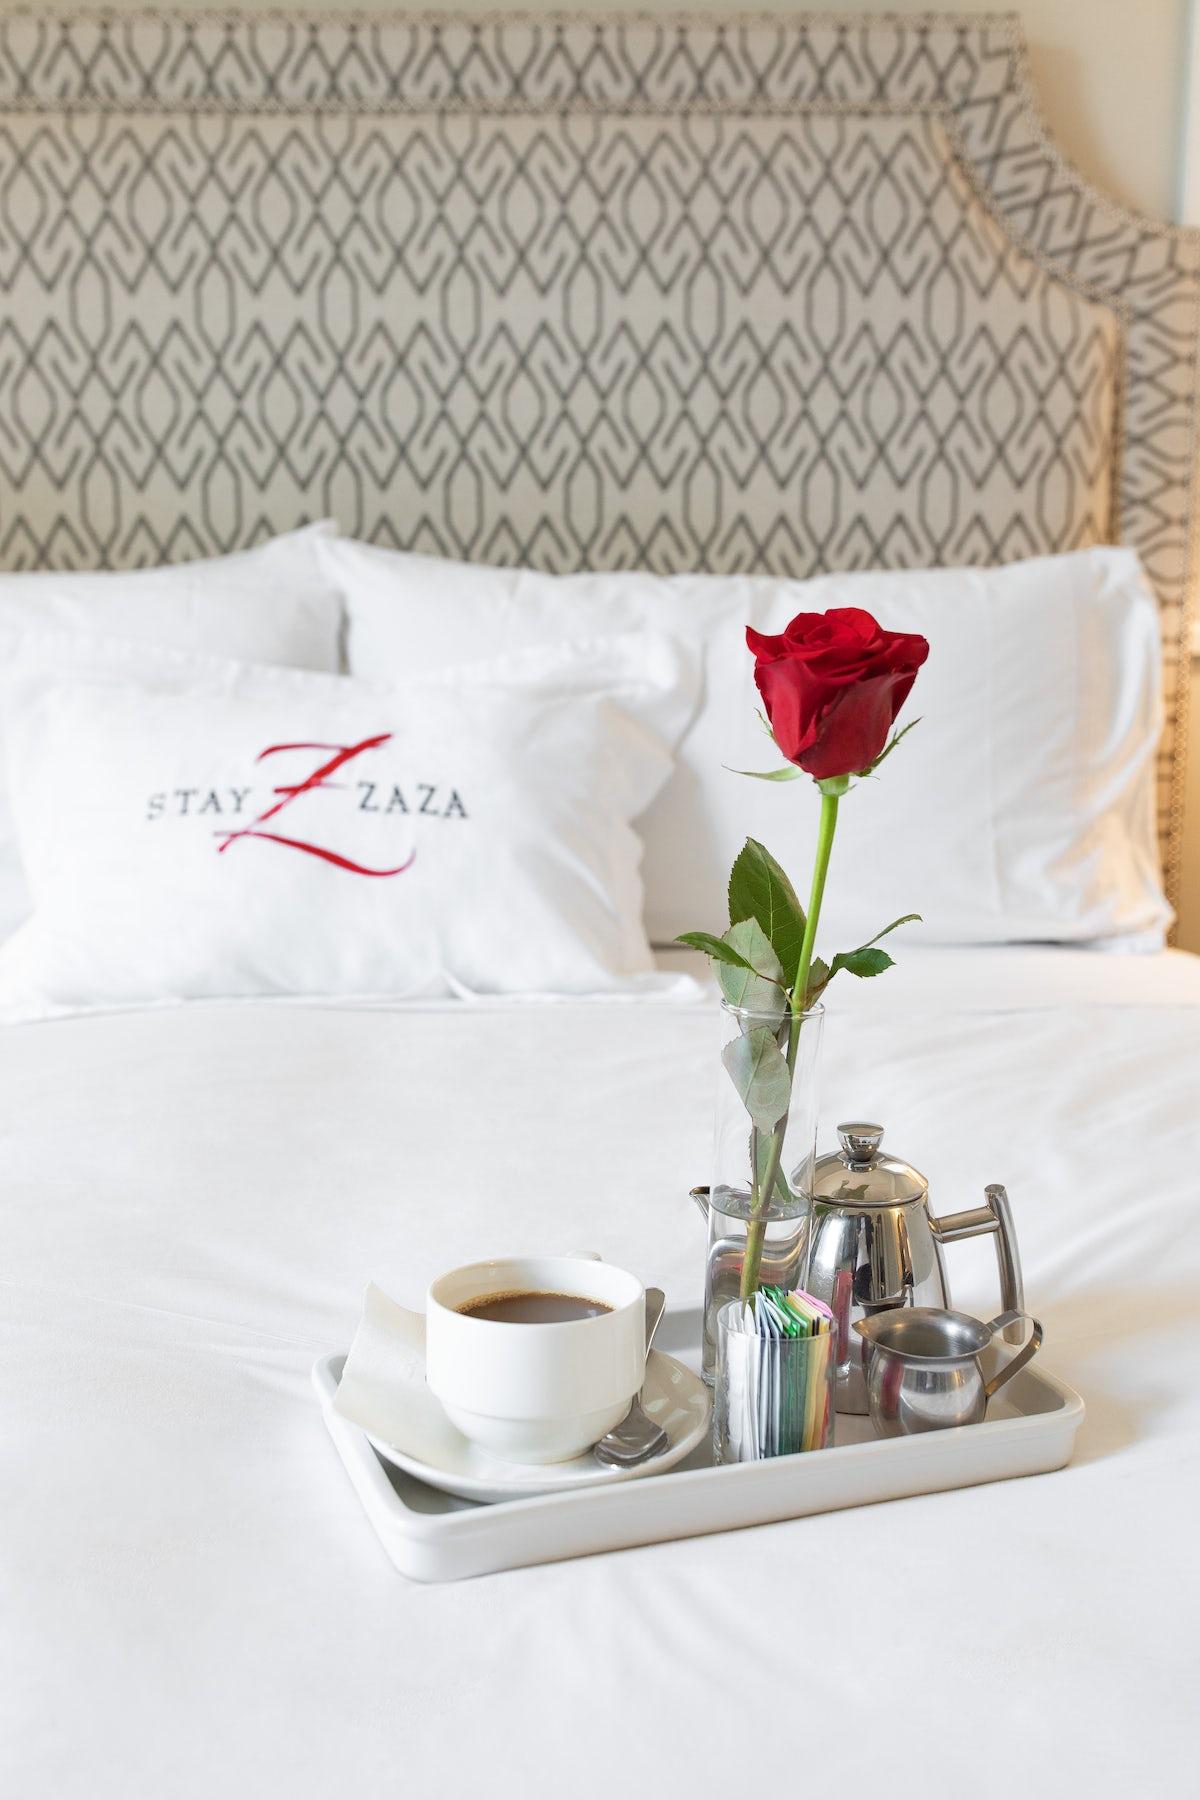 Hotel ZaZa Dallas in Beyond Dallas